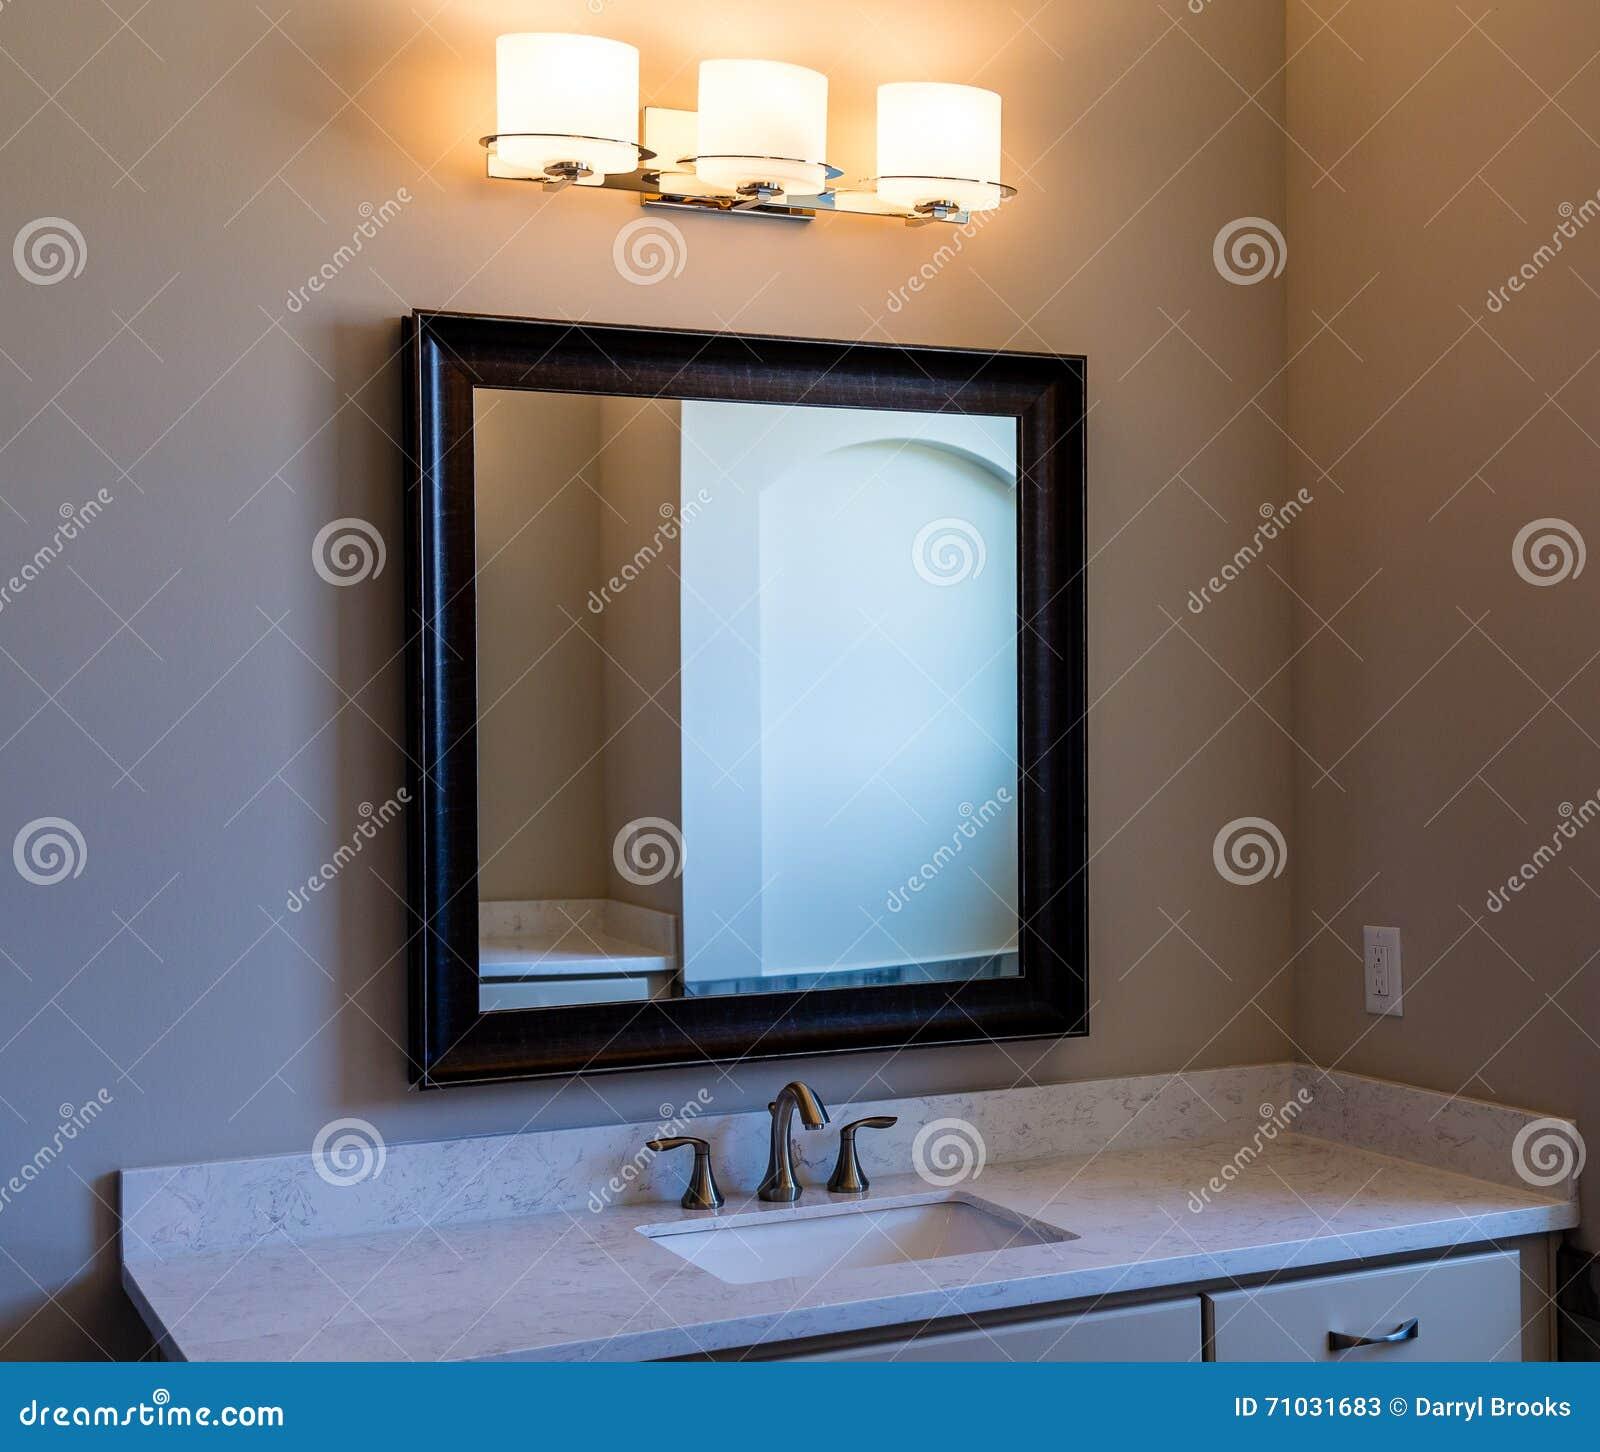 Espejo Y Luces Modernos De Vanidad Del Cuarto De Baño Imagen de ...